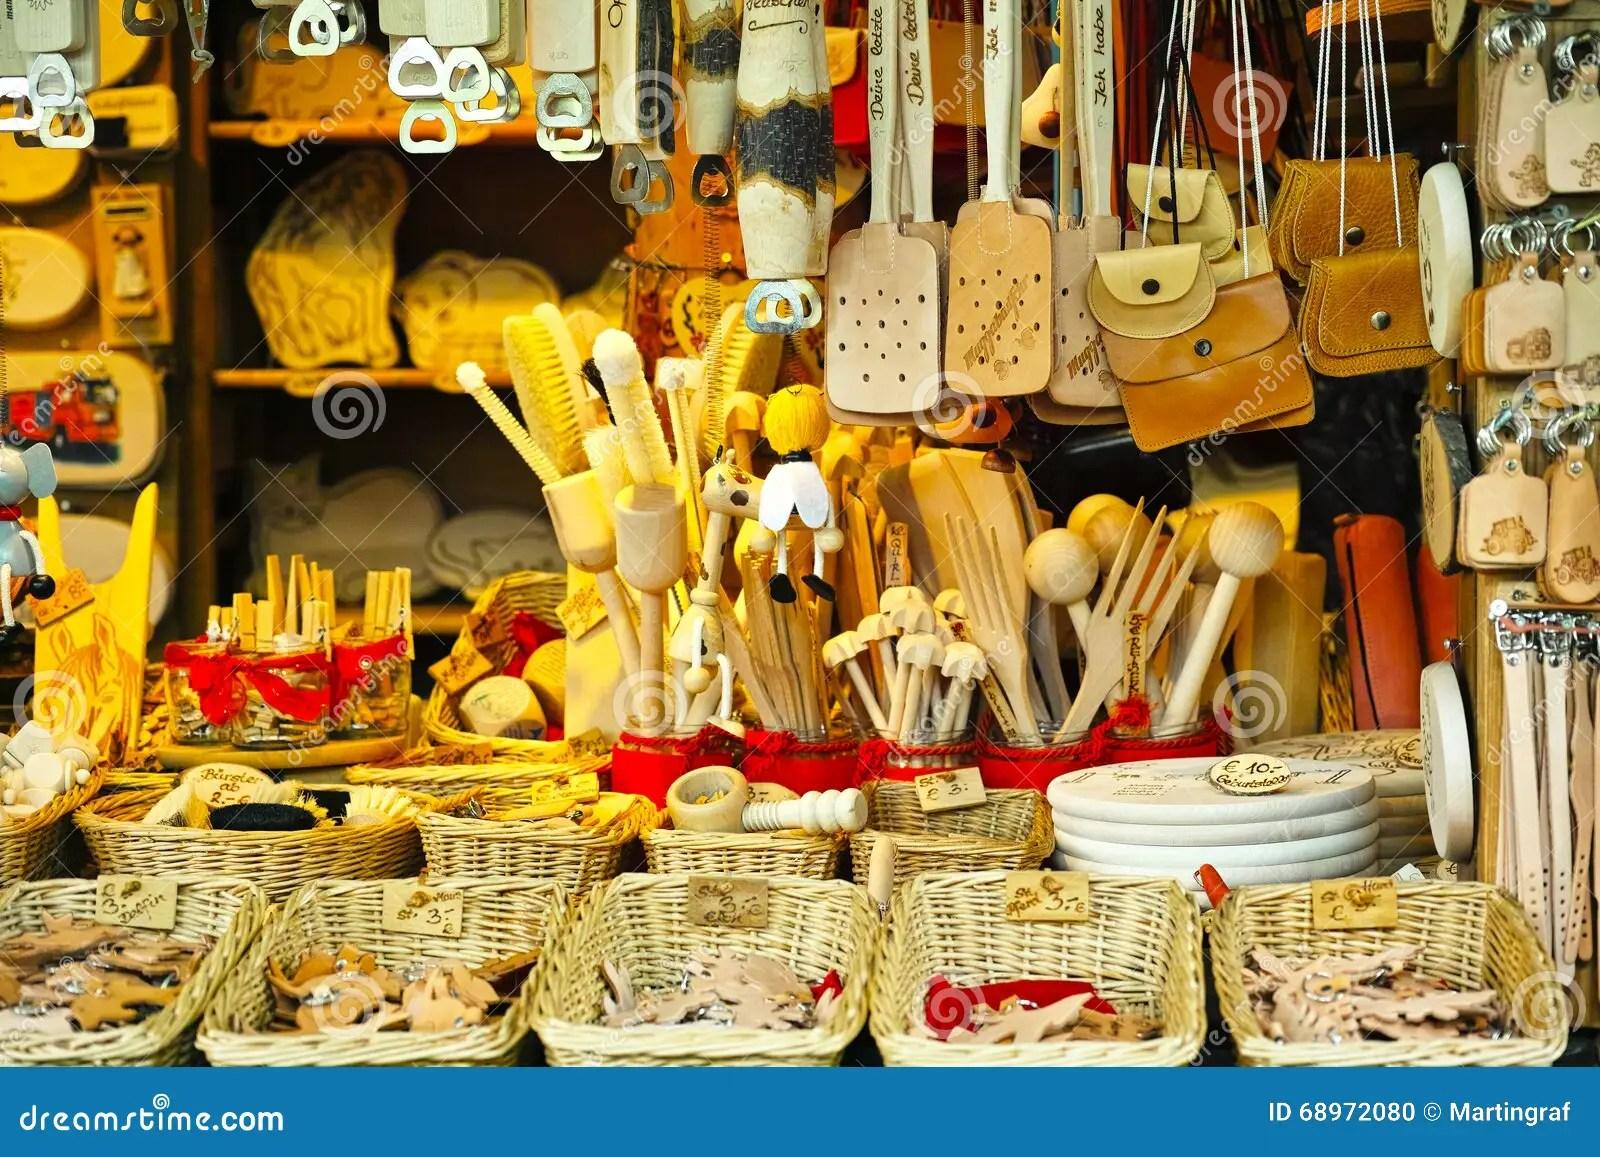 kitchen booths stove parts 市场摊位厨房器物和皮革物品库存照片 图片包括有商业 背包 杂烩 列阵 市场摊位厨房器物和皮革物品